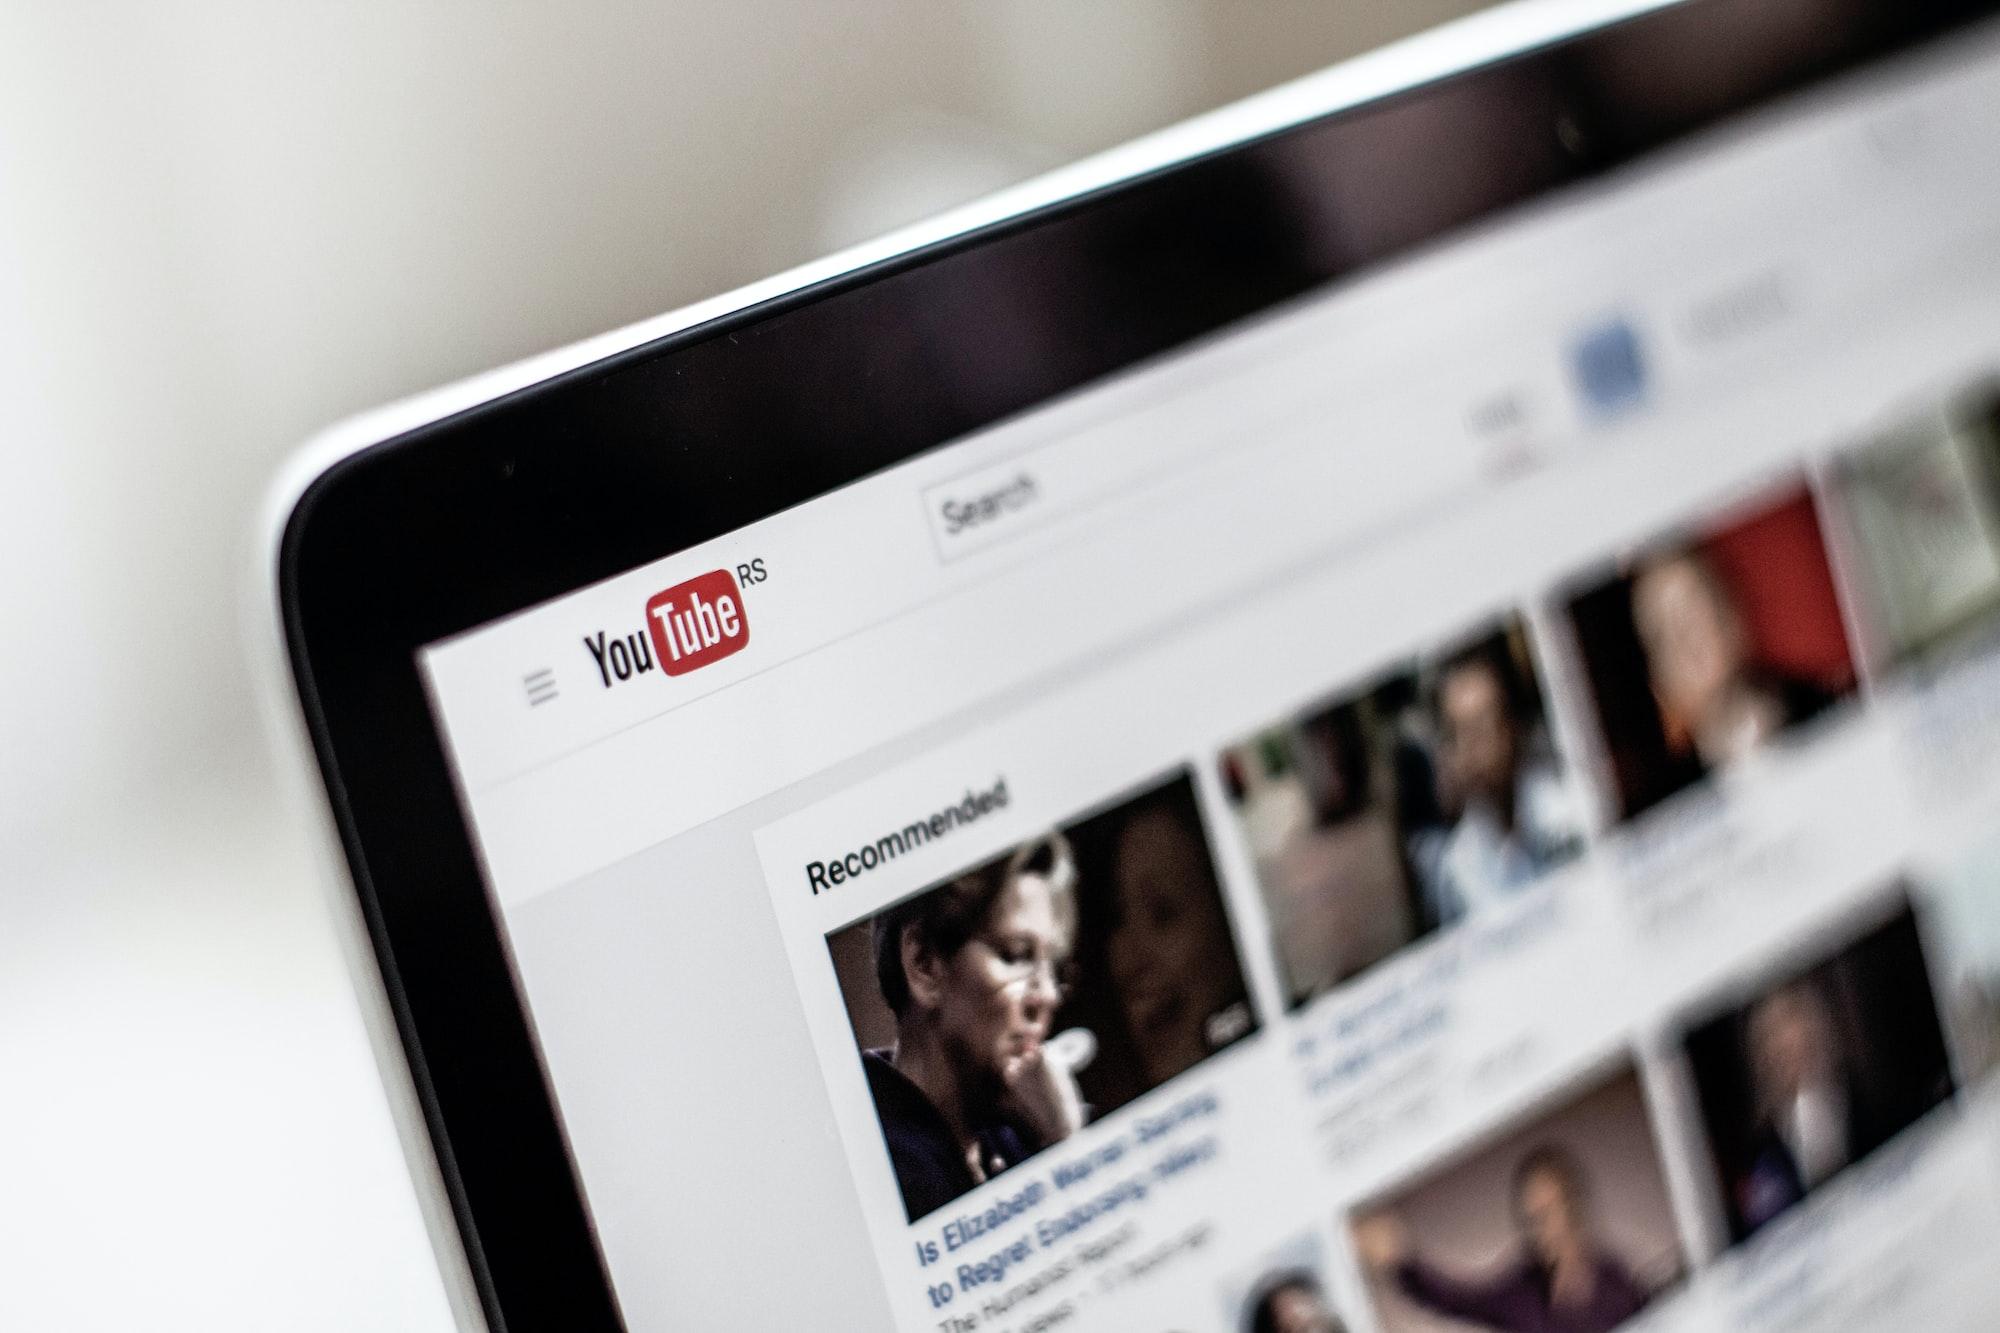 Как скачать MP3 айдиофайл с YouTube